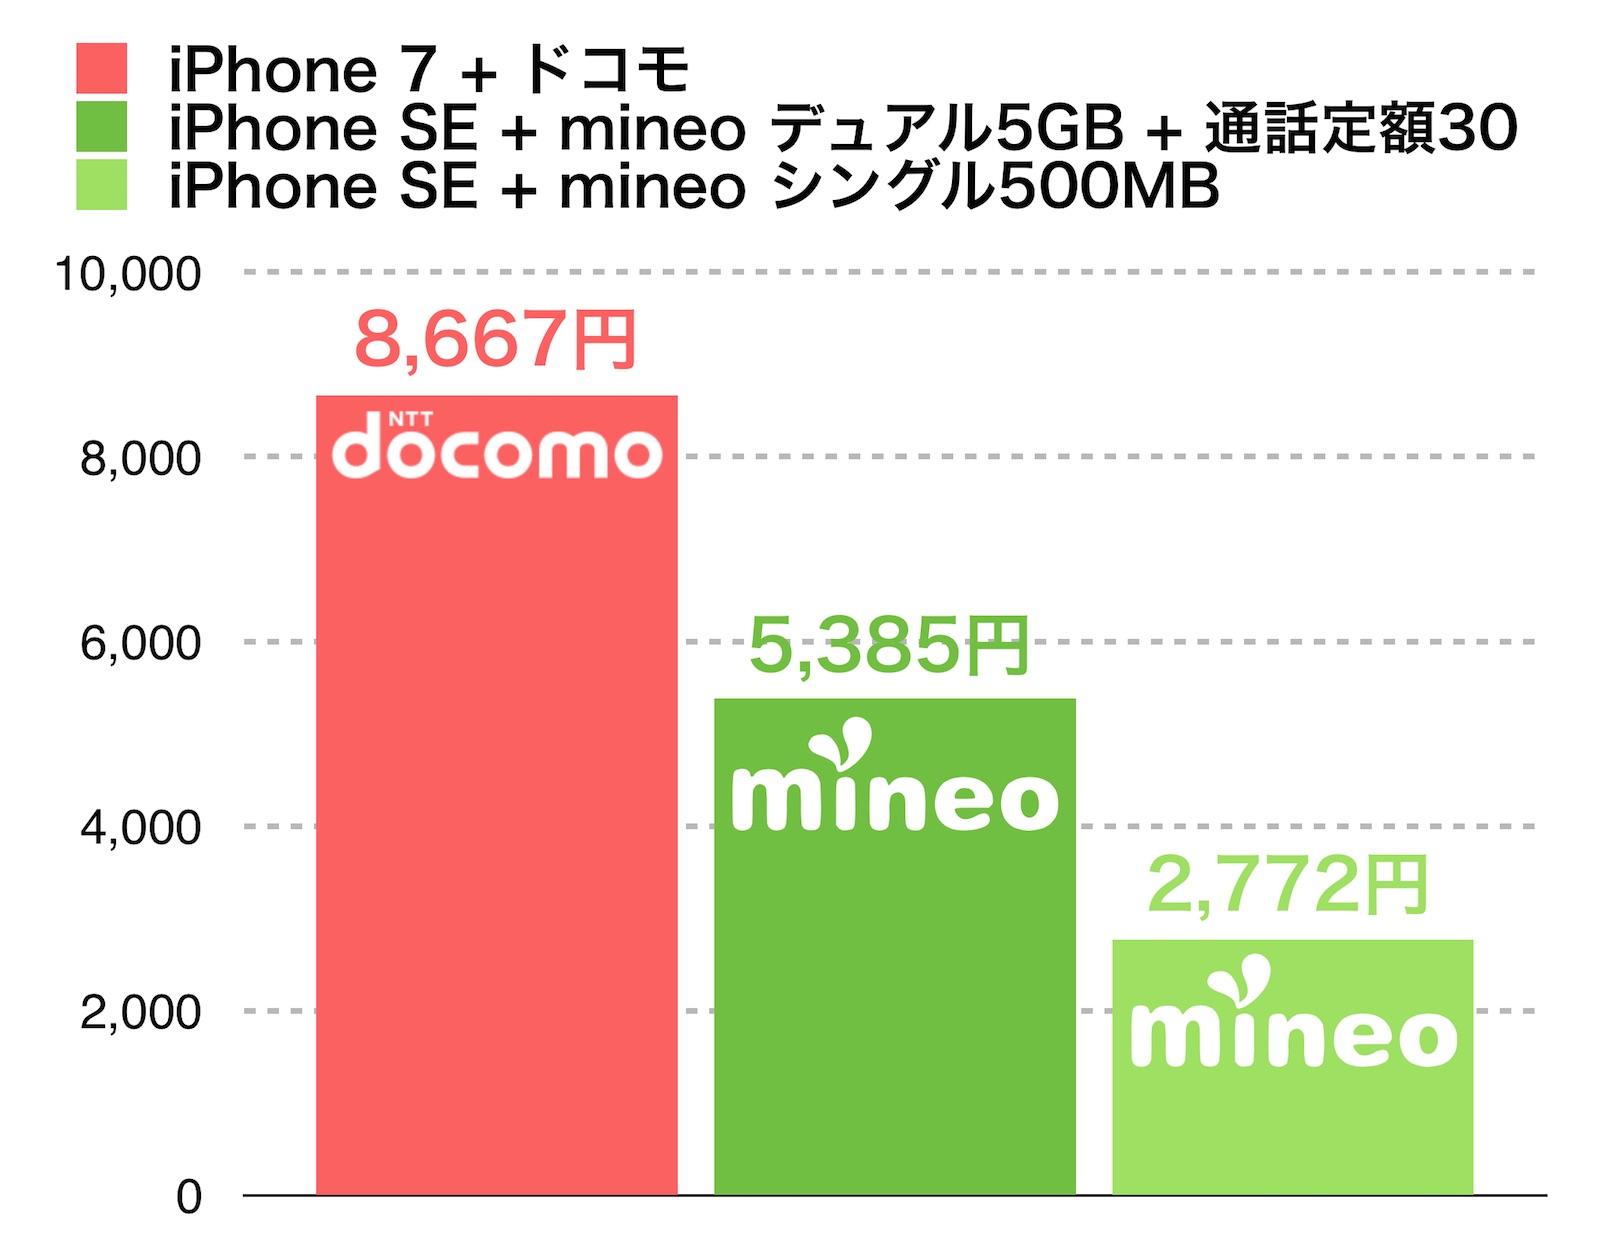 ドコモ iPhone 7 vs mineo iPhone SE